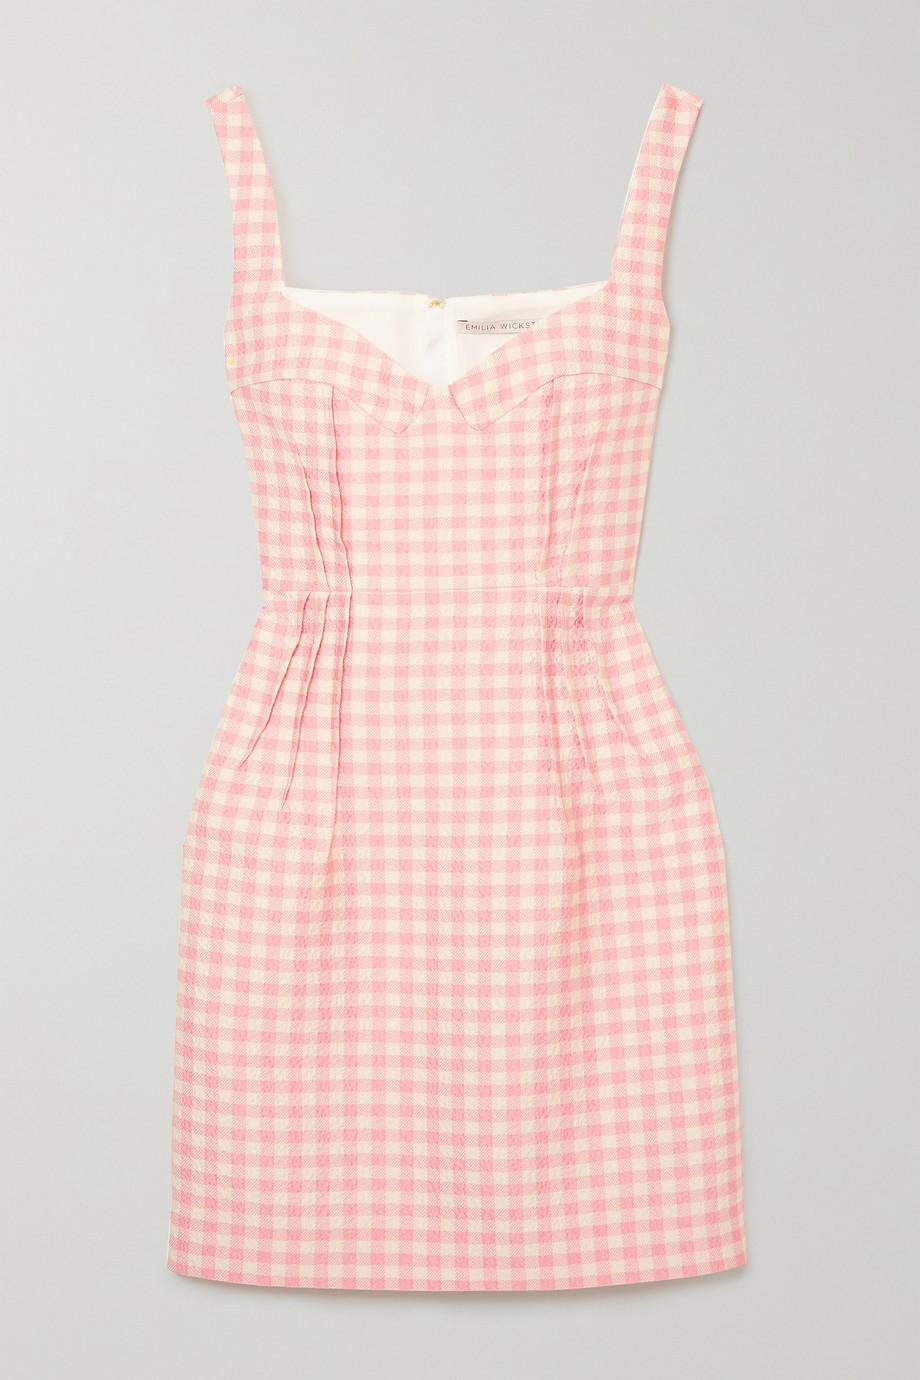 Emilia Wickstead | Jude gingham cloqué mini dress  | NET-A-PORTER.COM